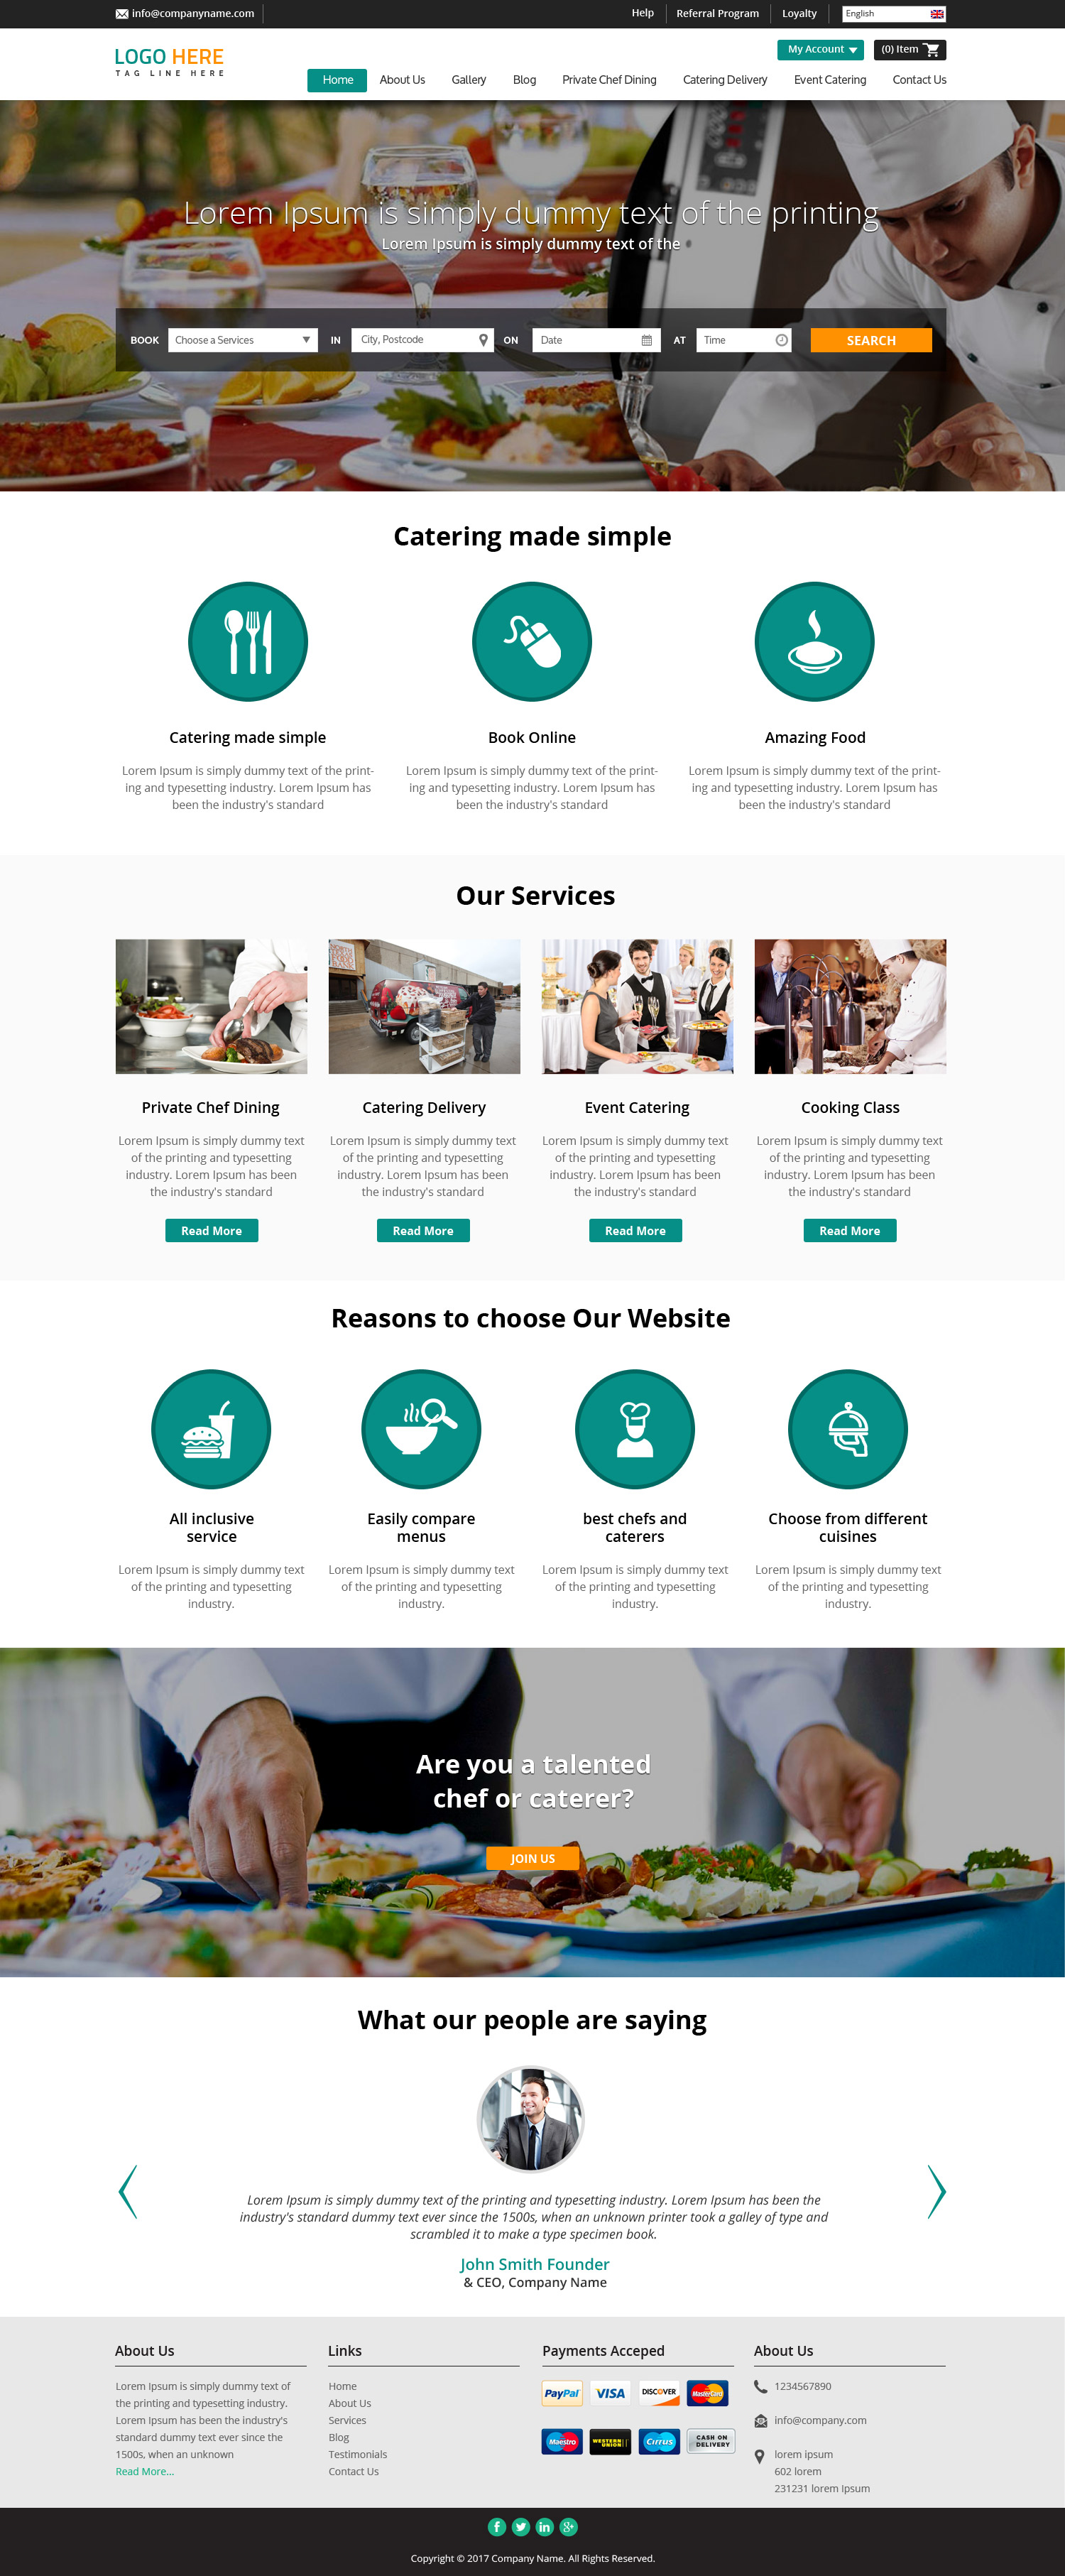 Restaurant website design template free psd